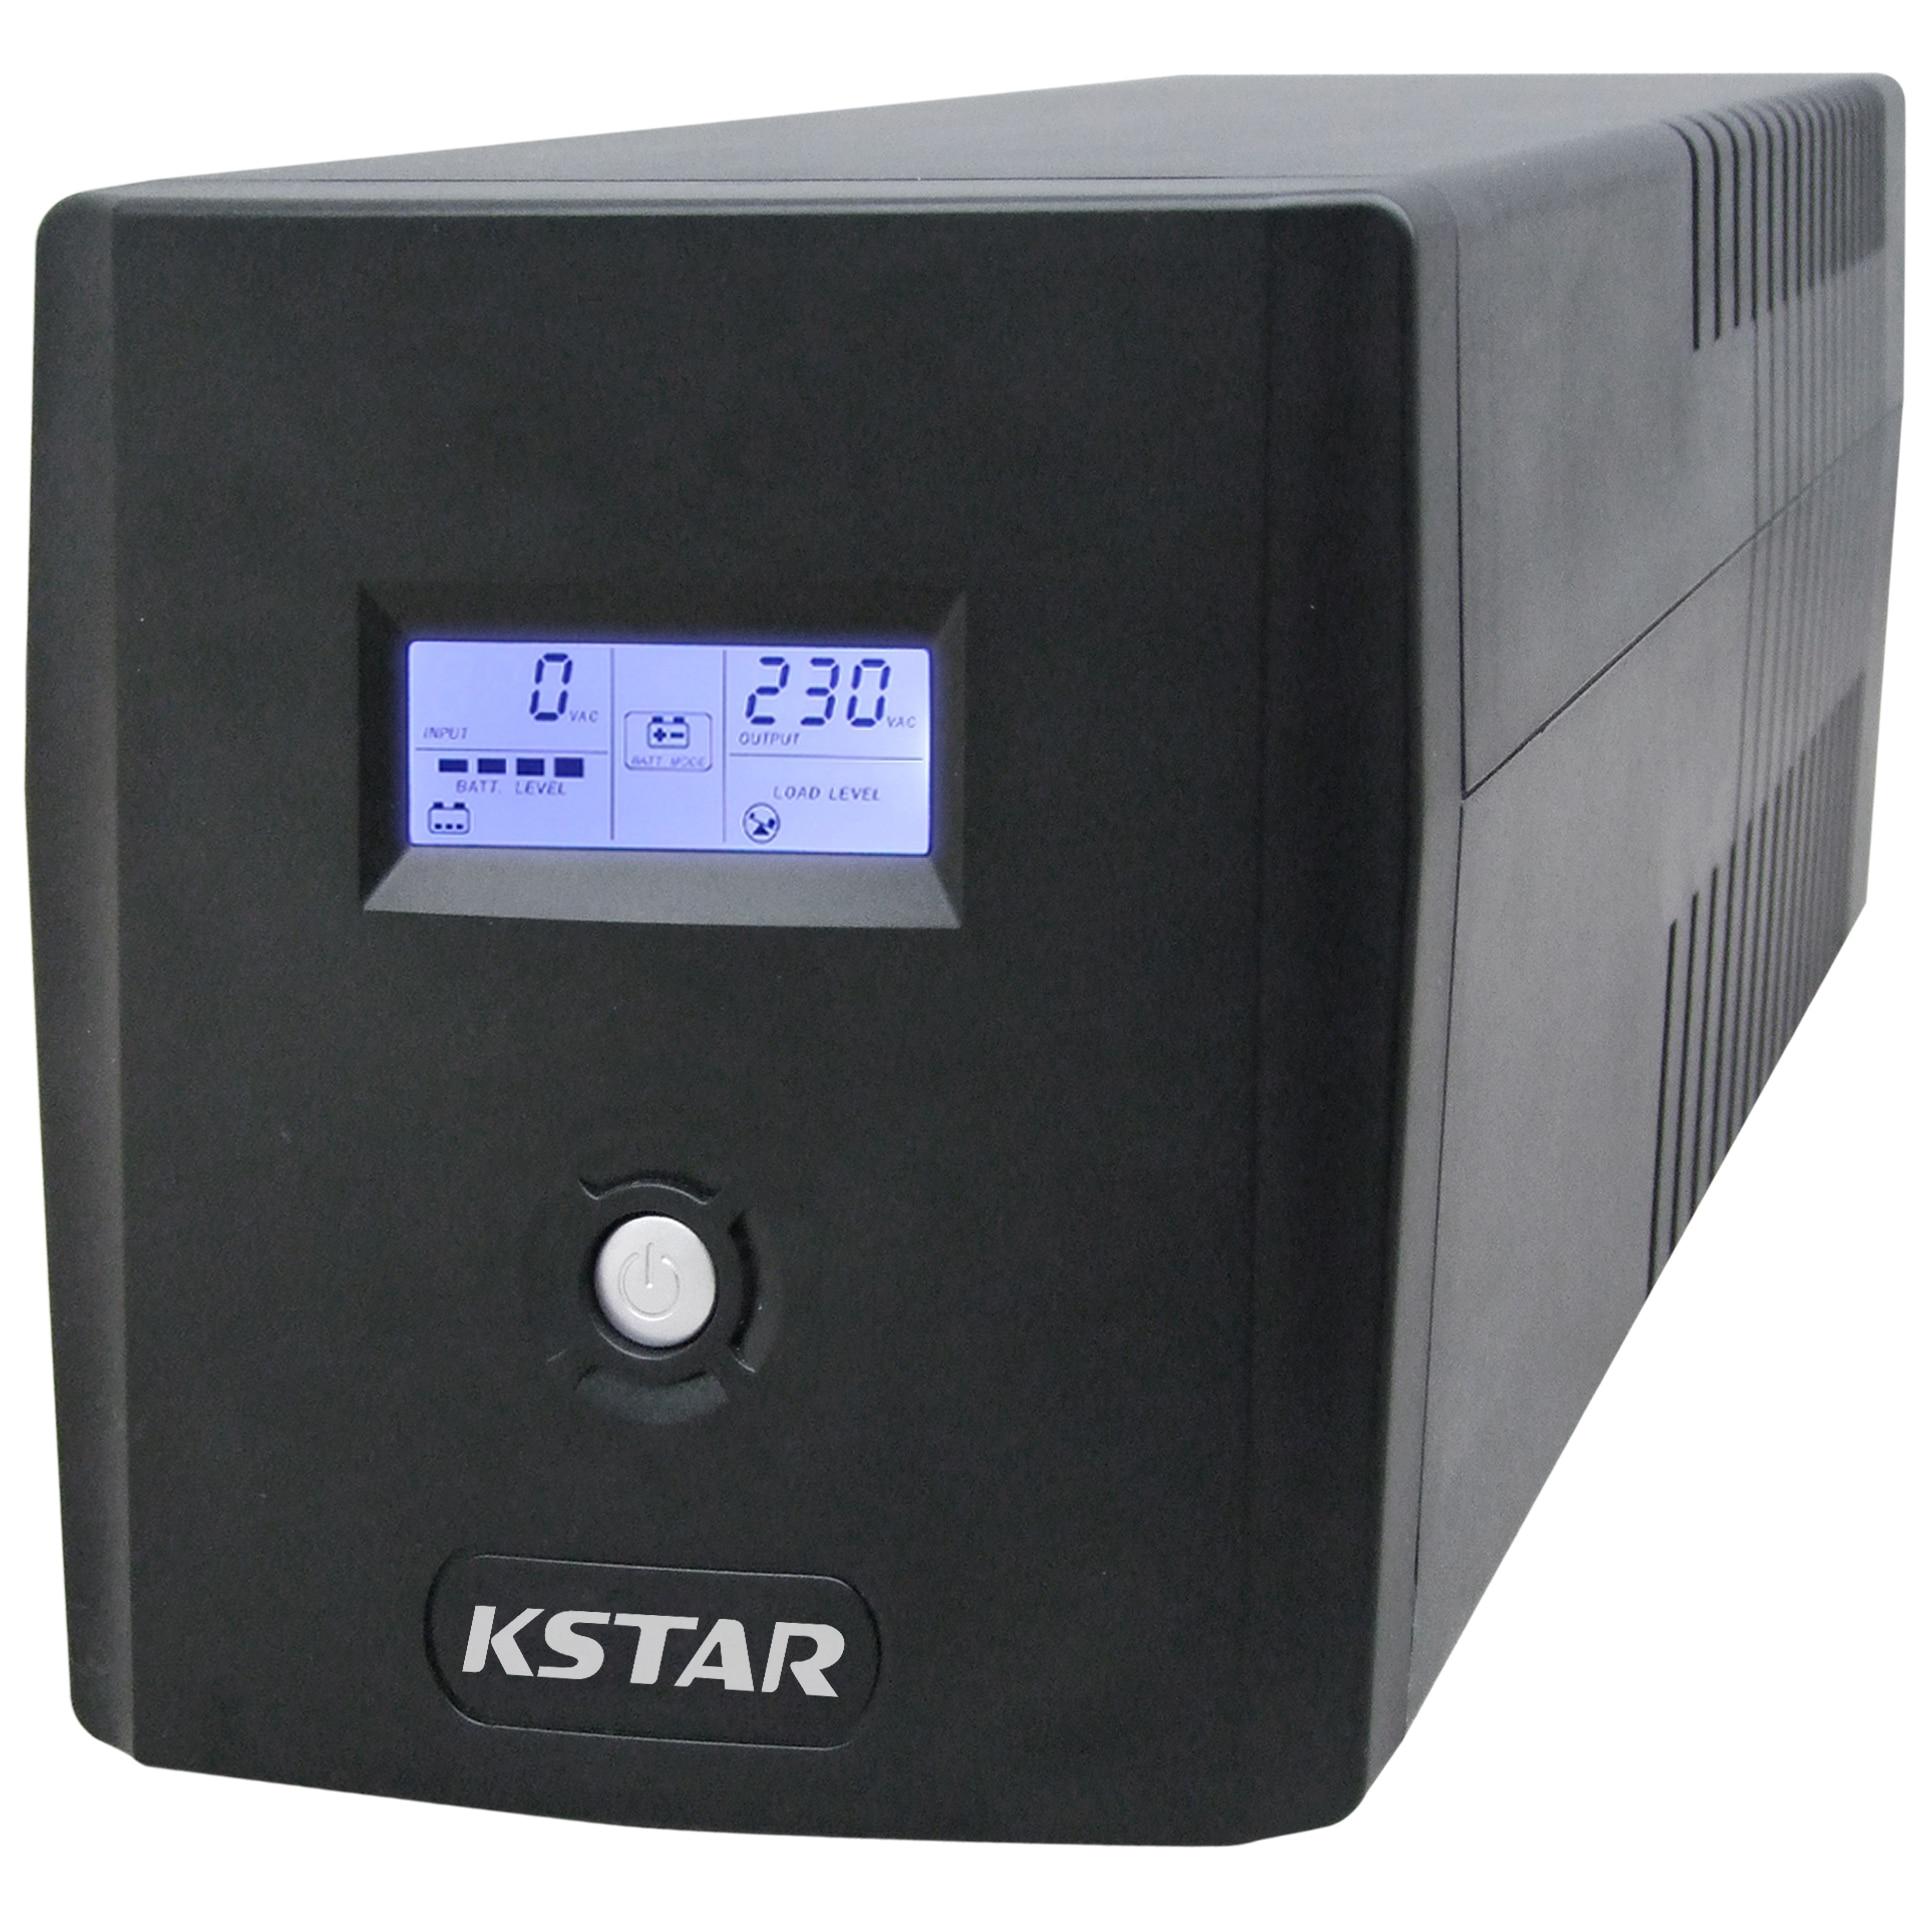 Fotografie UPS Kstar Micropower Micro 1500, 1500 VA, 900 W, LCD Display, USB, RJ45, Line-interactive